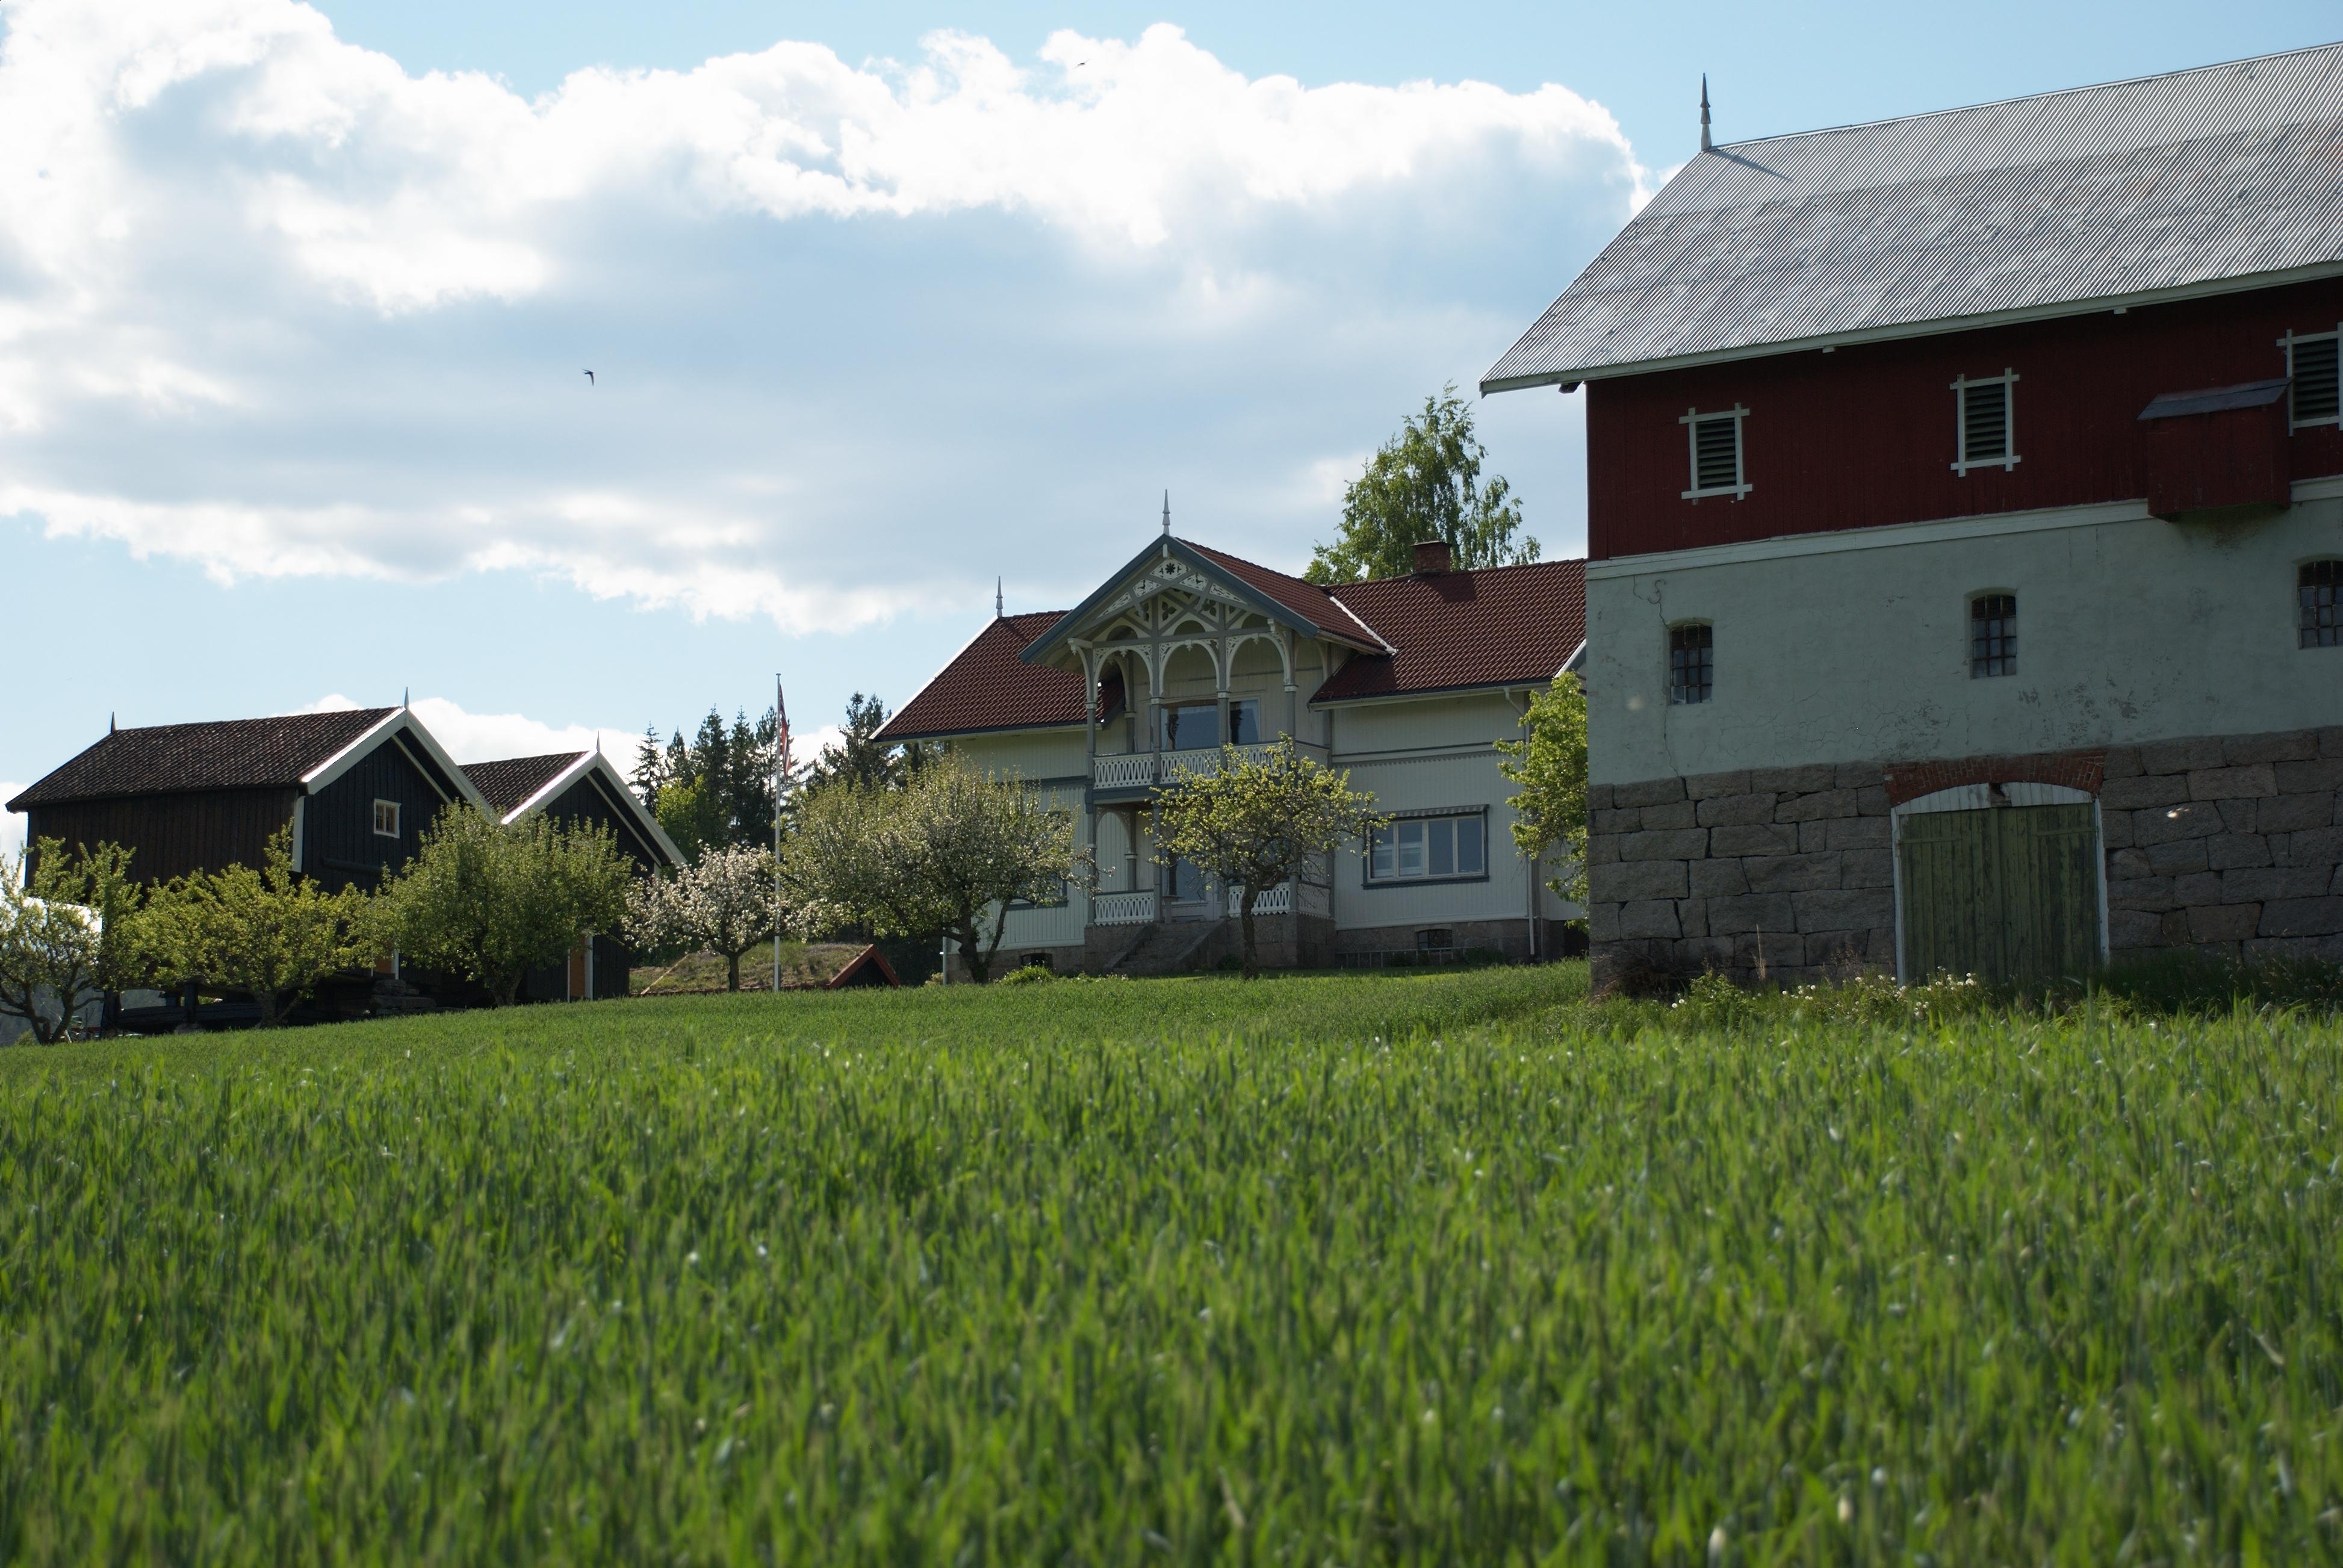 Børte gardturisme med tradisjonelle stabbur. , © Bø gardsturisme